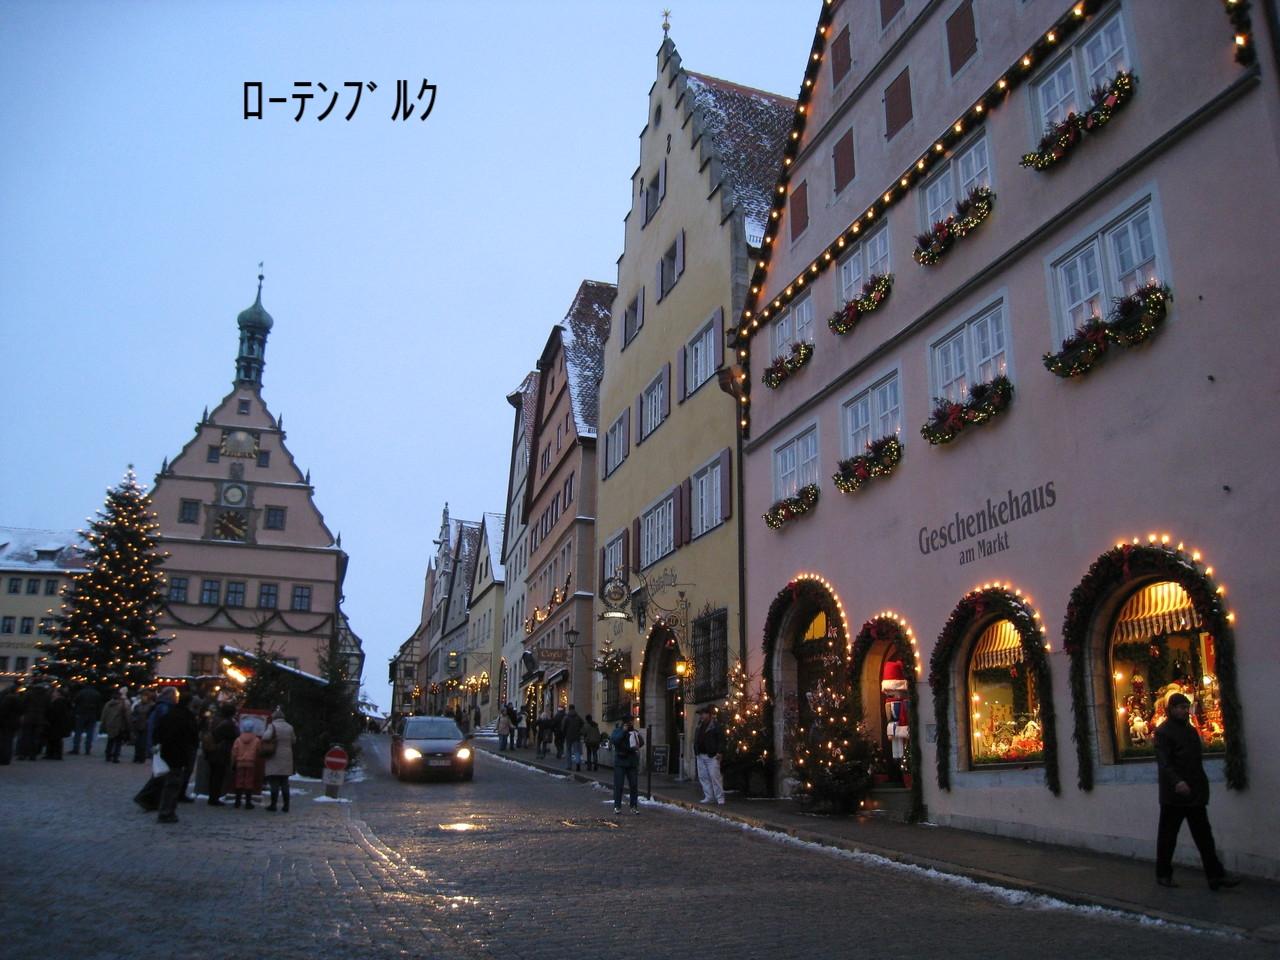 ドイツ個人旅行・プライベートツアー。高級車貸切で日本人ガイド・通訳がご案内します。     ブログ